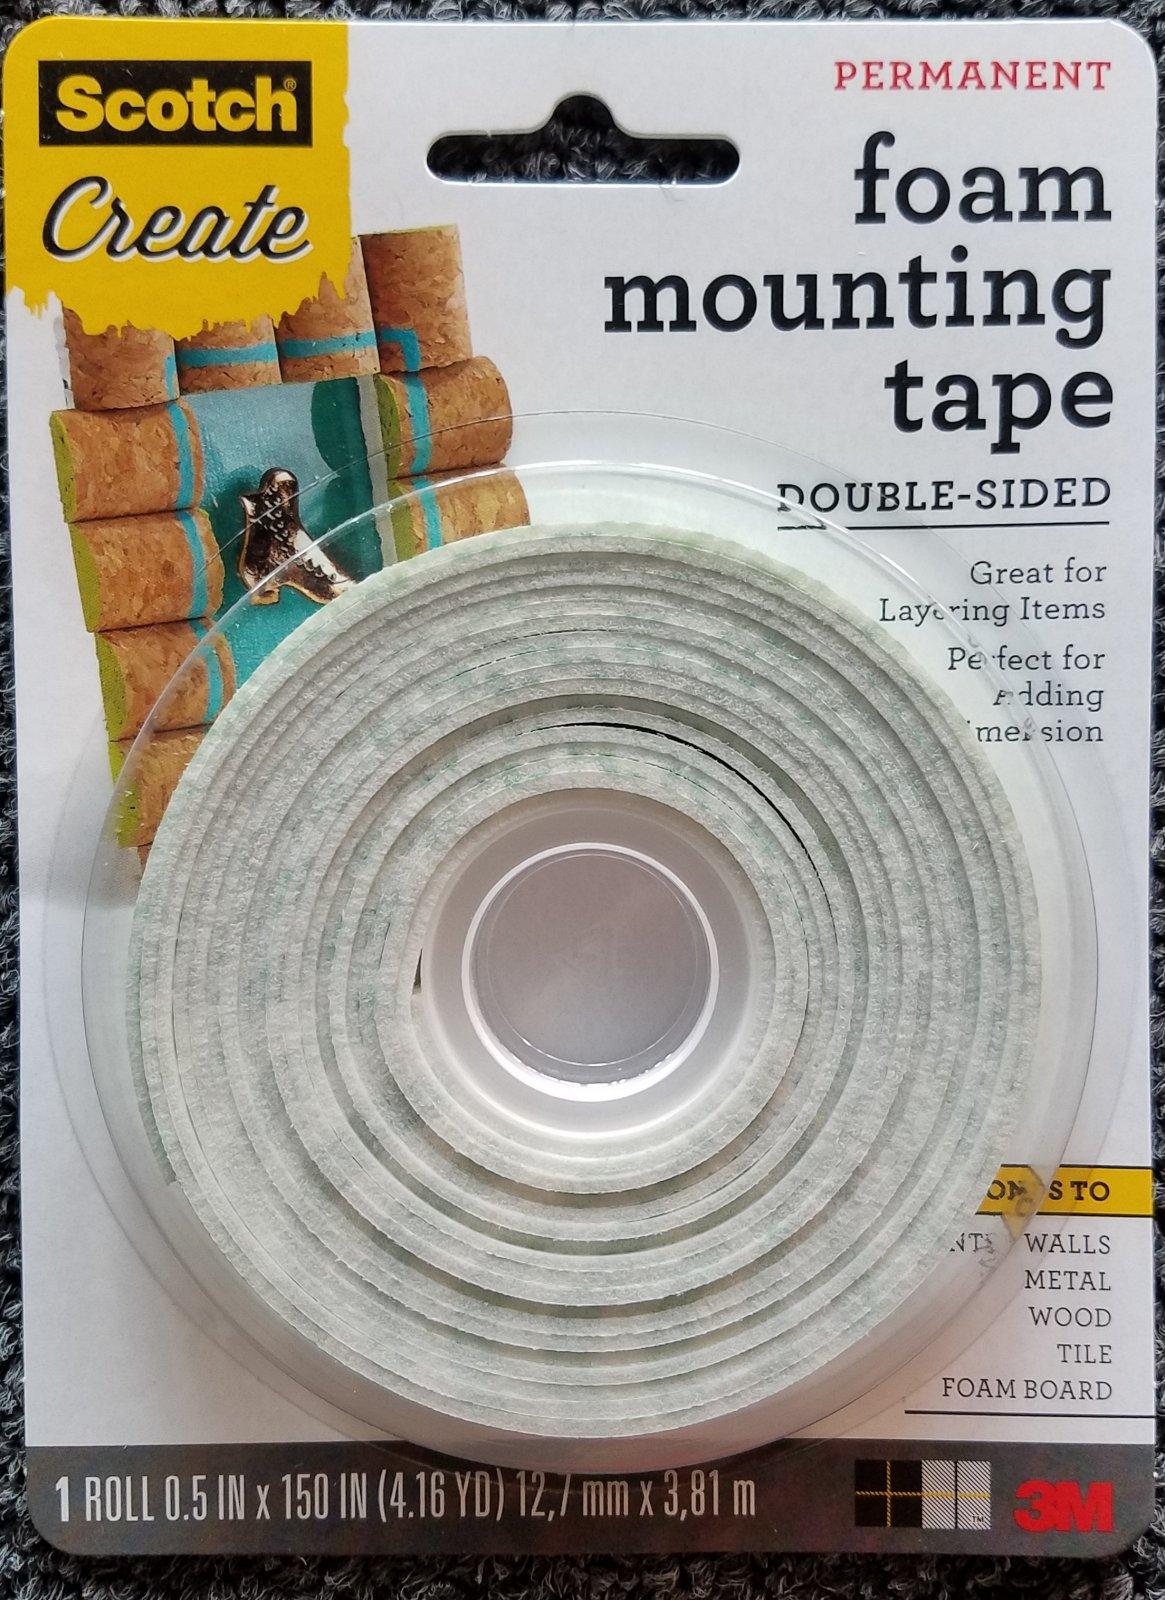 3M Foam Mounting Tape